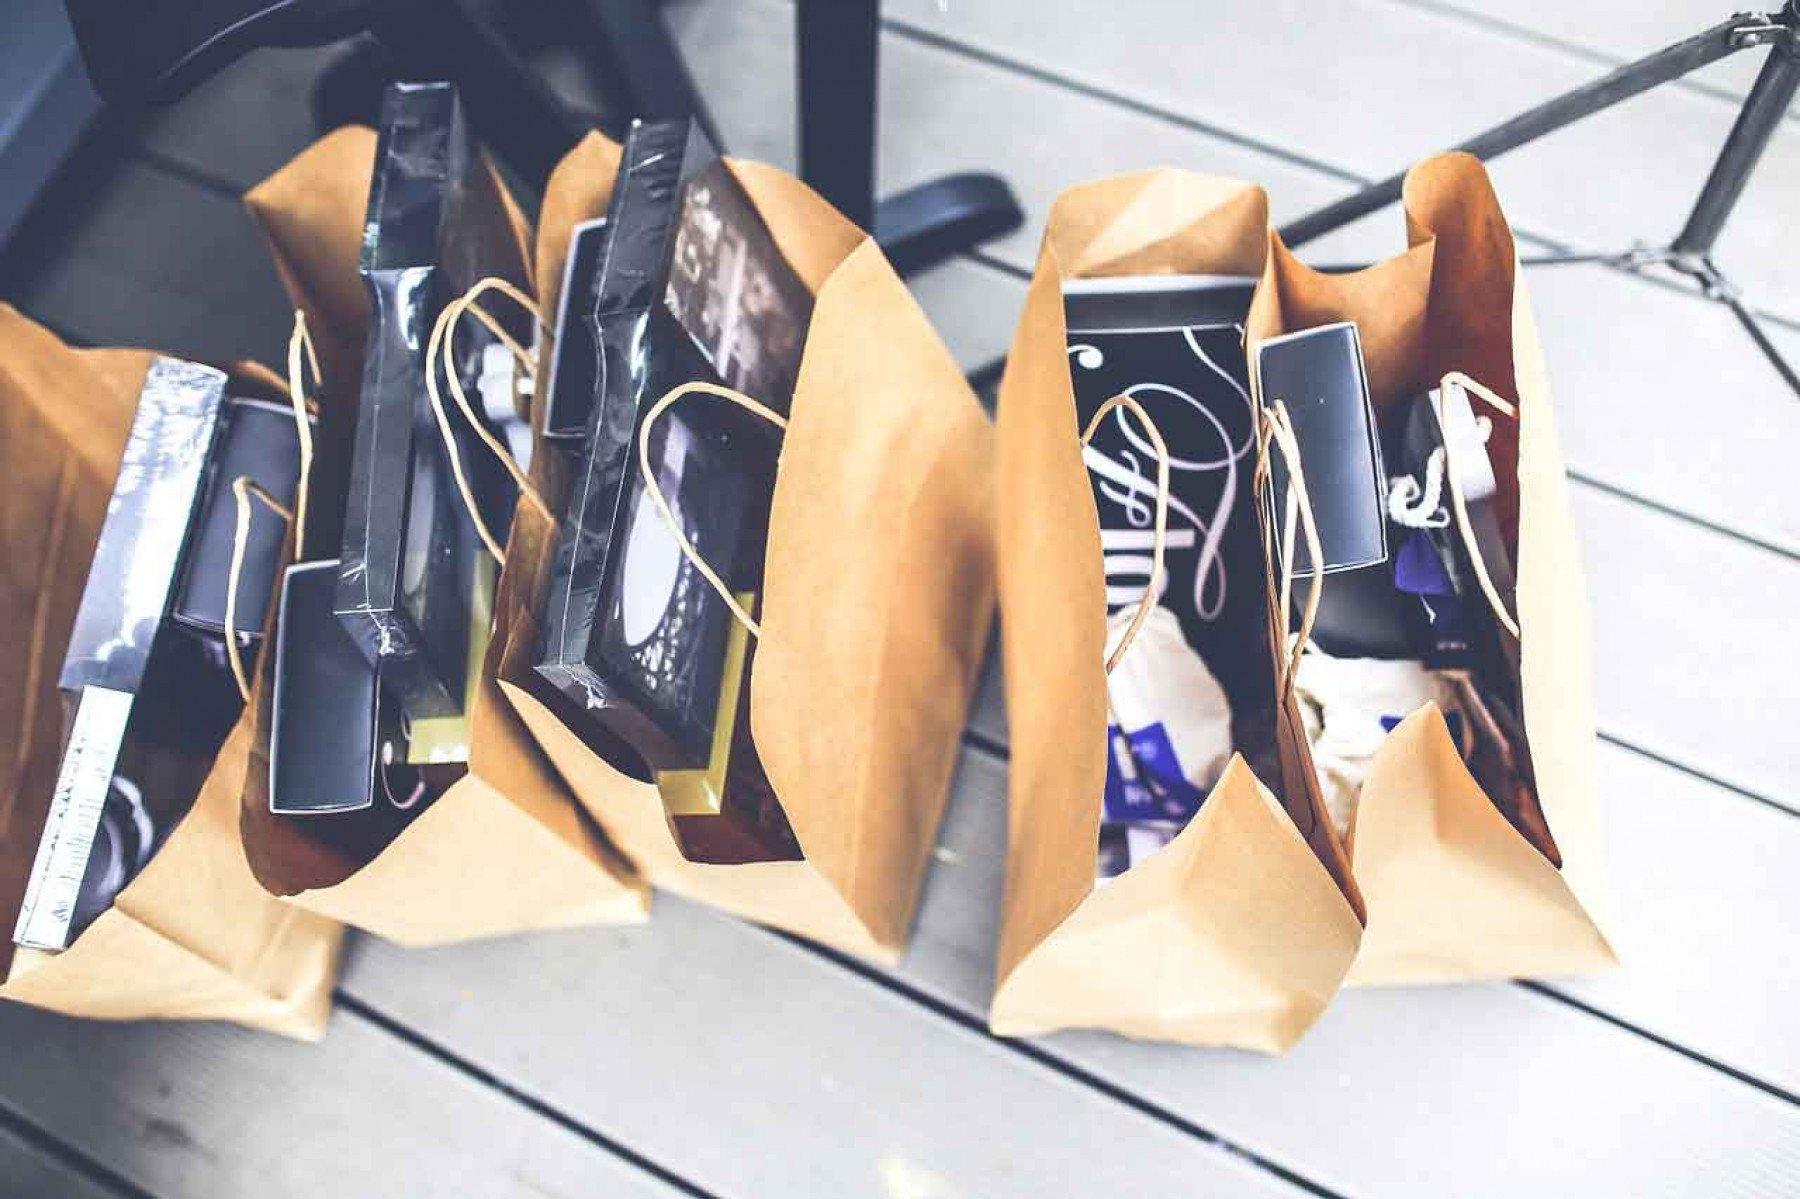 Shoppingpåsar som är fyllda står uppställda på ett golv